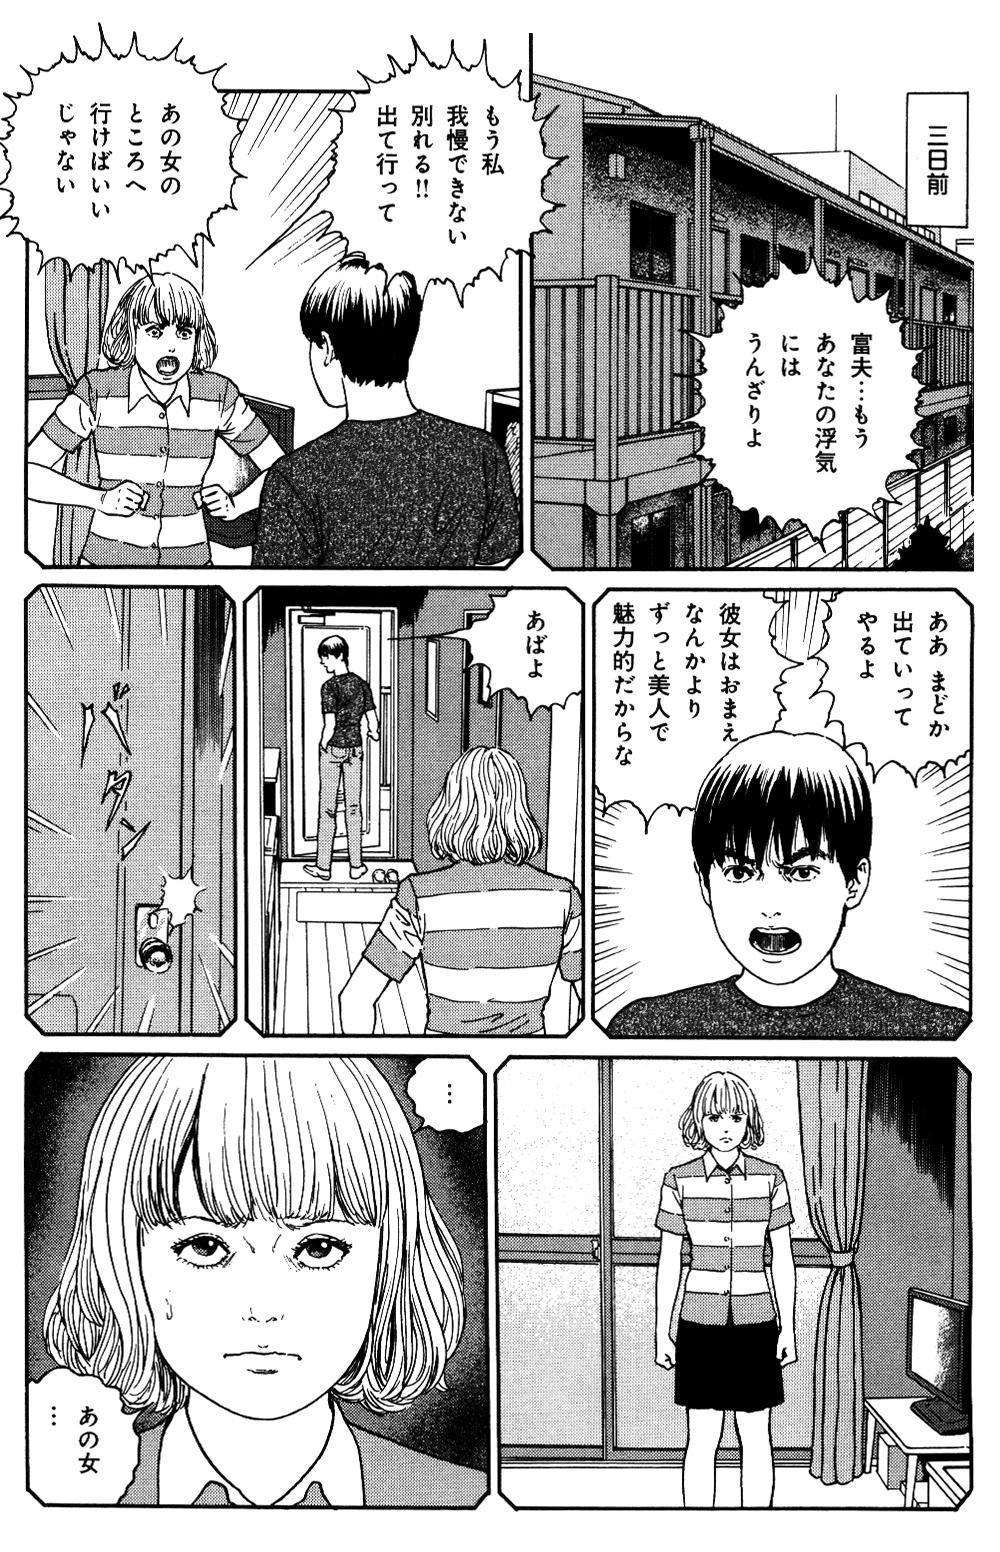 魔の断片 第3話「富夫・赤いハイネック」①jisen05-06.jpg